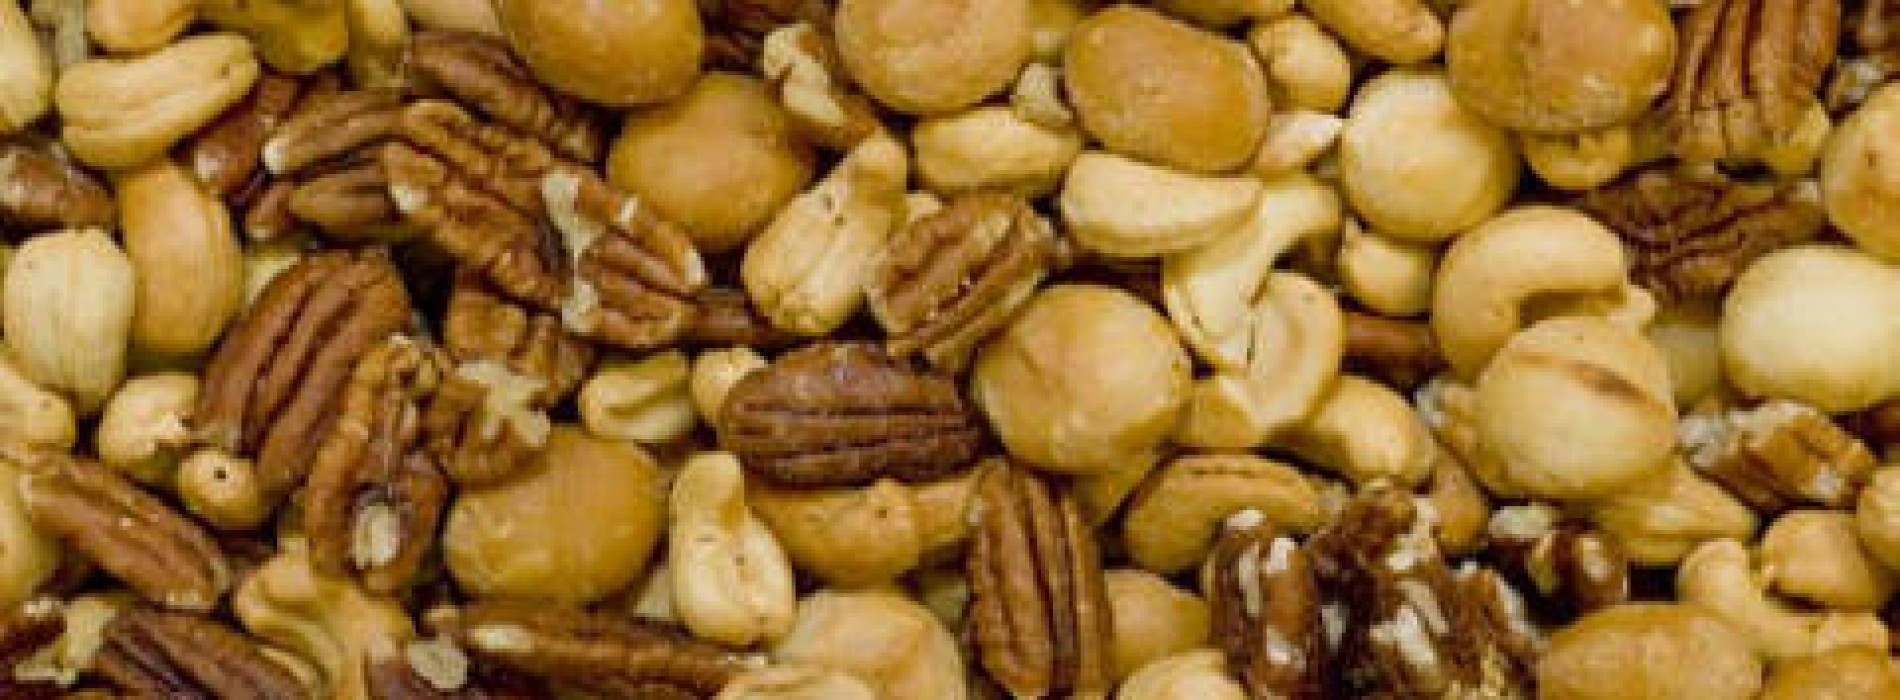 Noten niet goed voor je? Onzin! 4 Redenen om vanaf nu meer noten te eten!